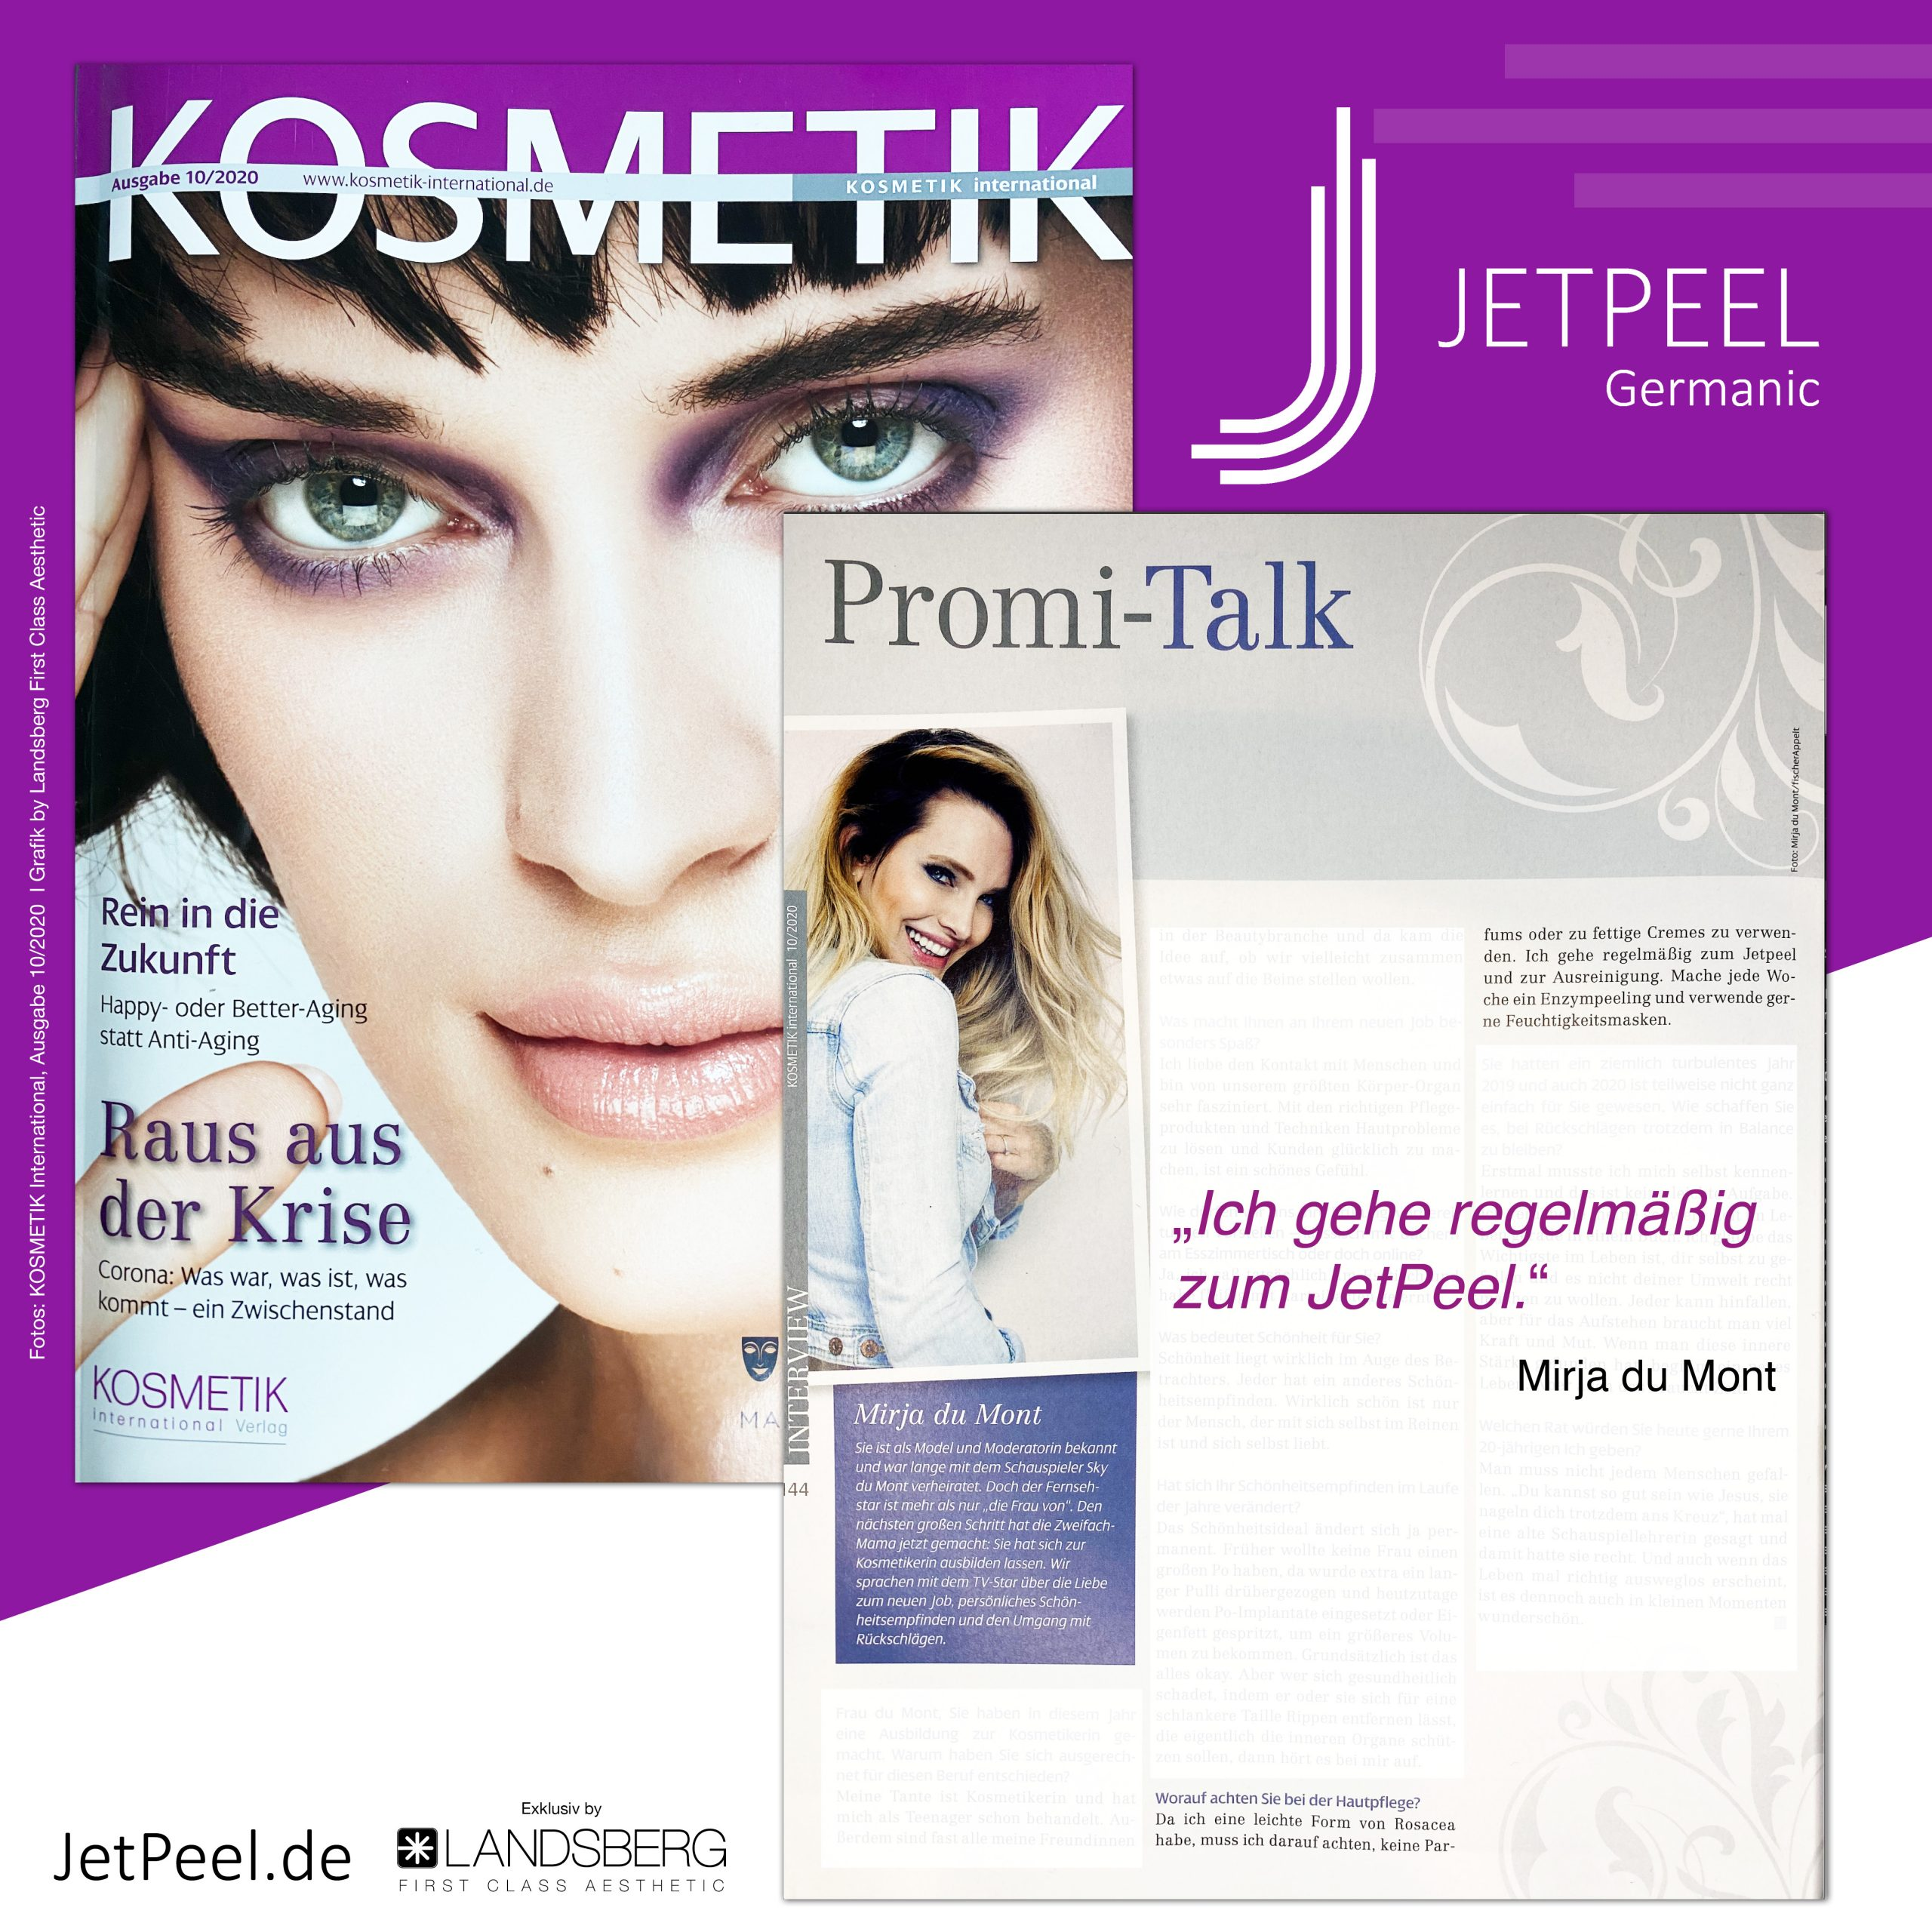 Mirja du Mont über JetPeel im Interview mit KOSMETIK International